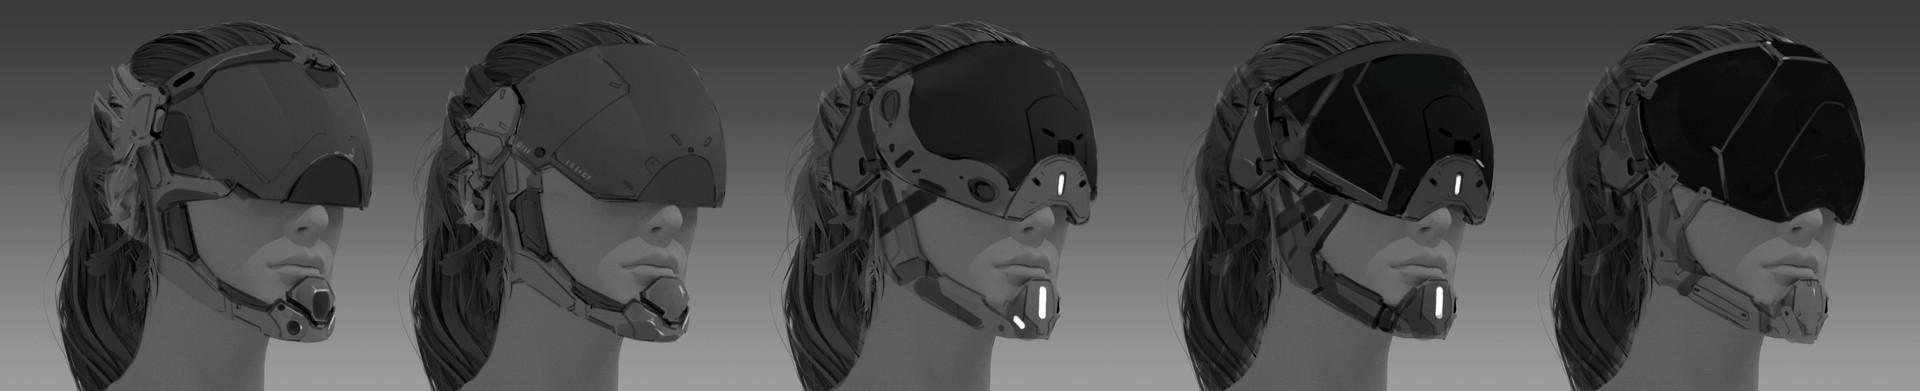 Tyler ryan helmet design